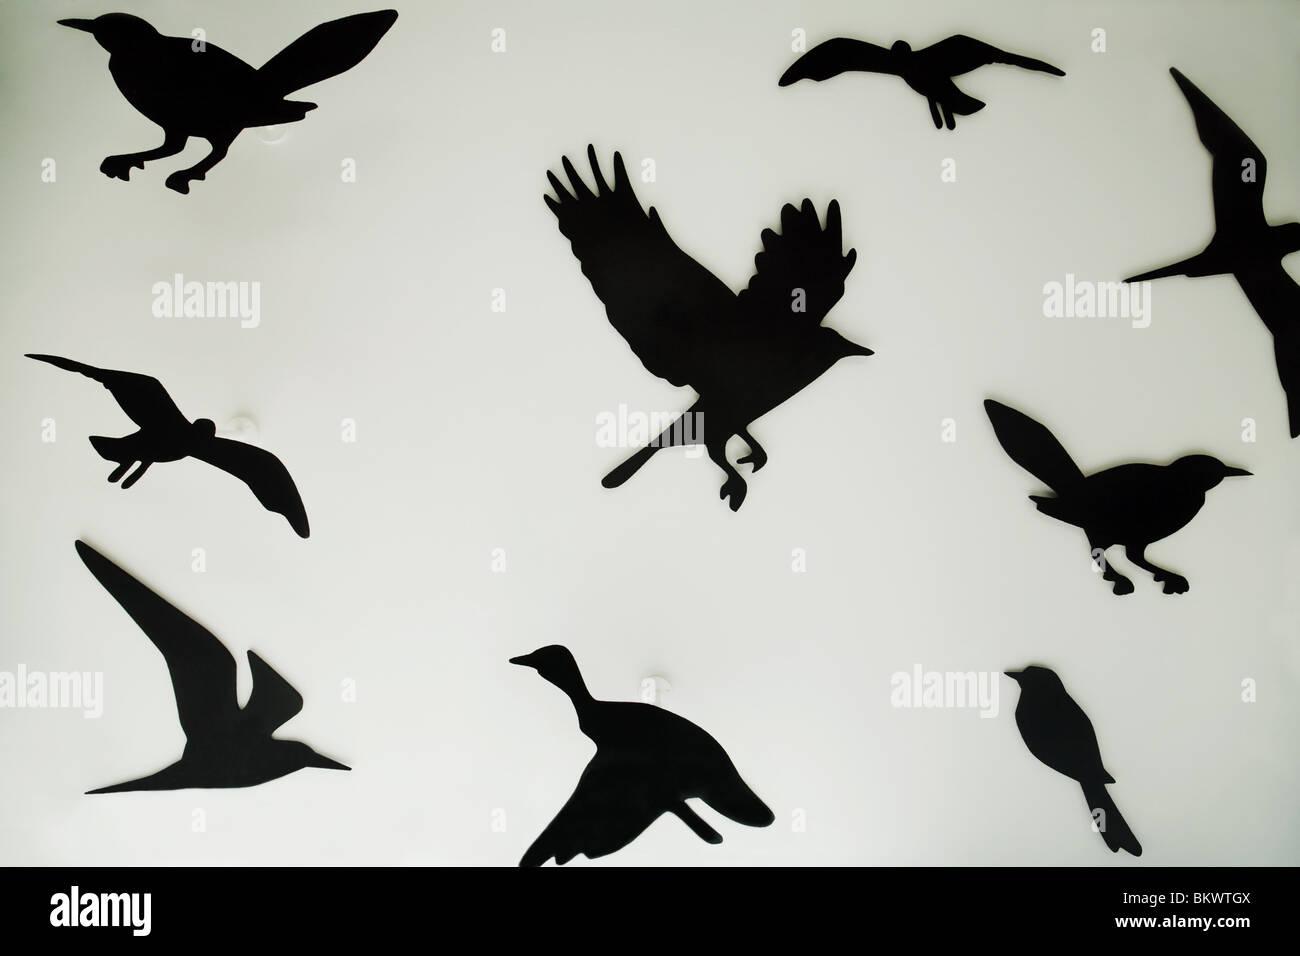 Sagome di uccelli in un negozio la finestra di visualizzazione, Regent Street, London REGNO UNITO Immagini Stock